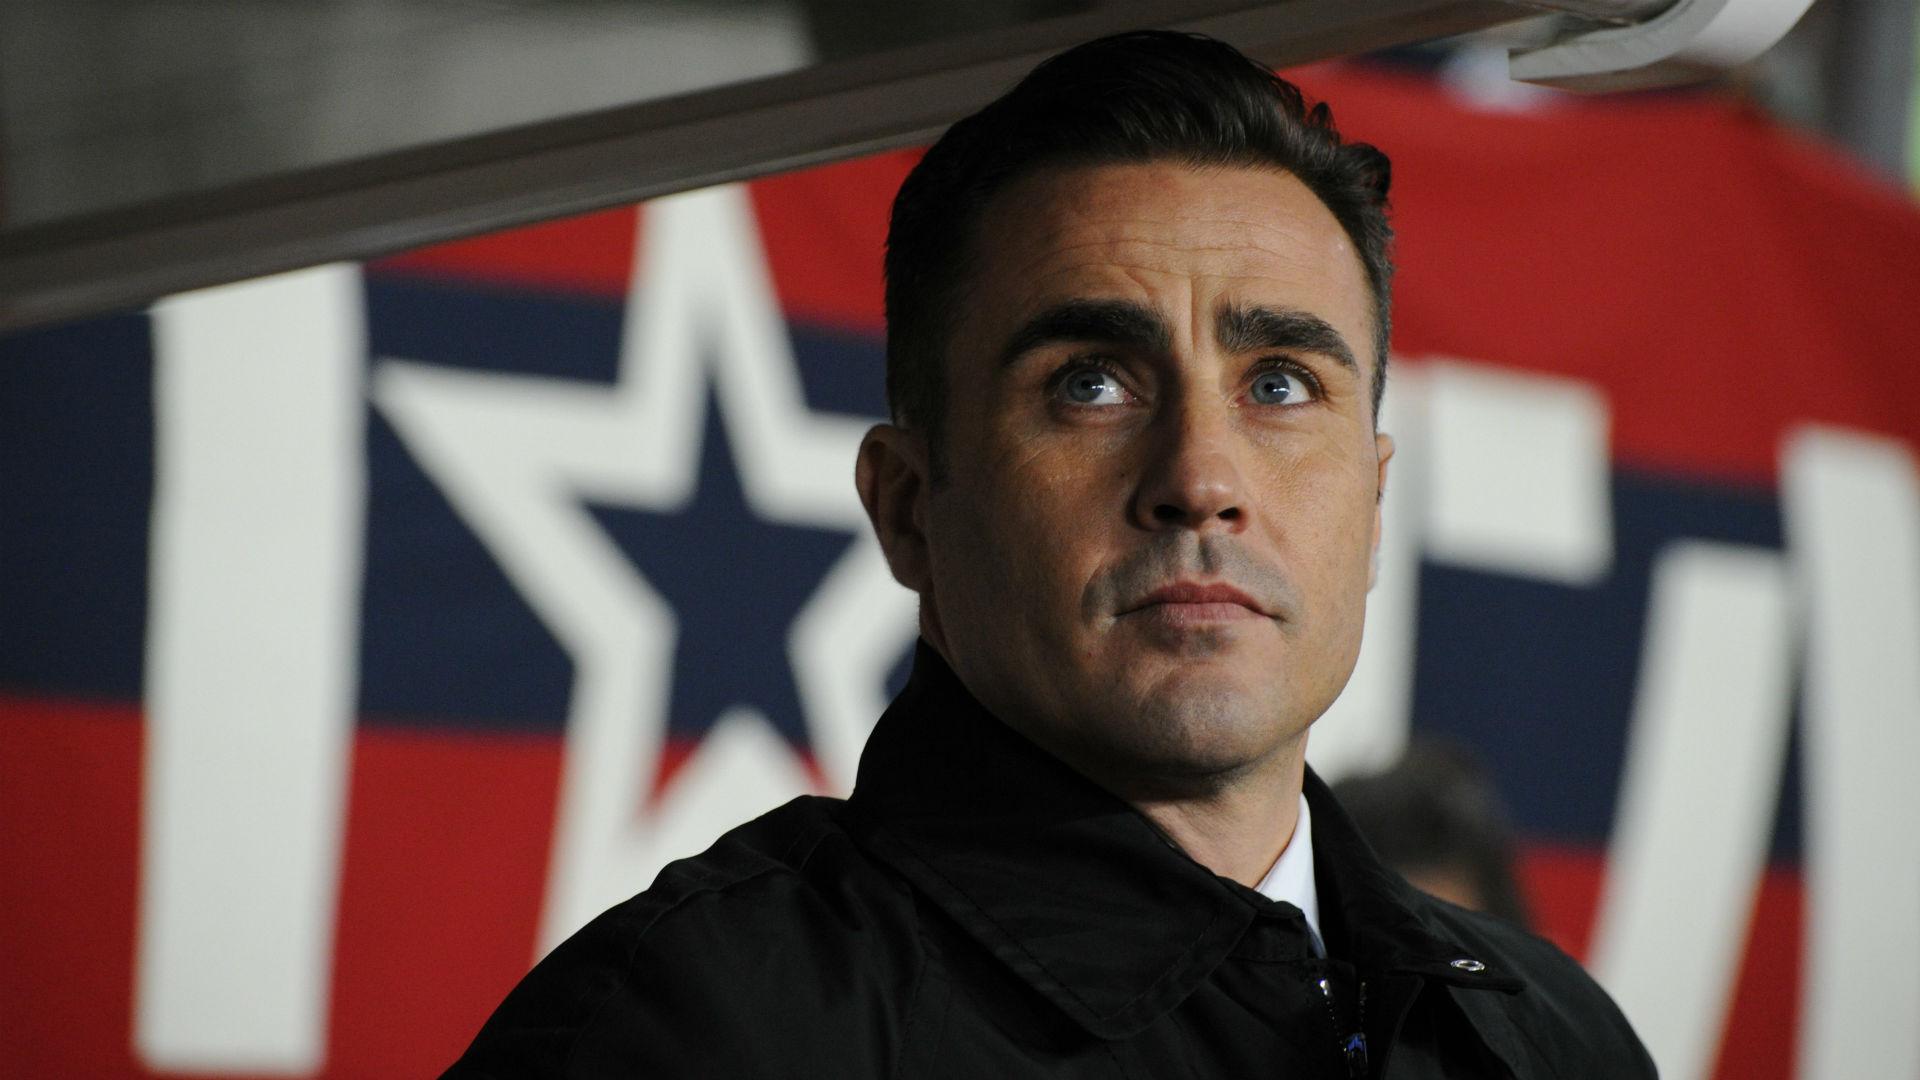 Kalinic Fiorentina, Cannavaro: